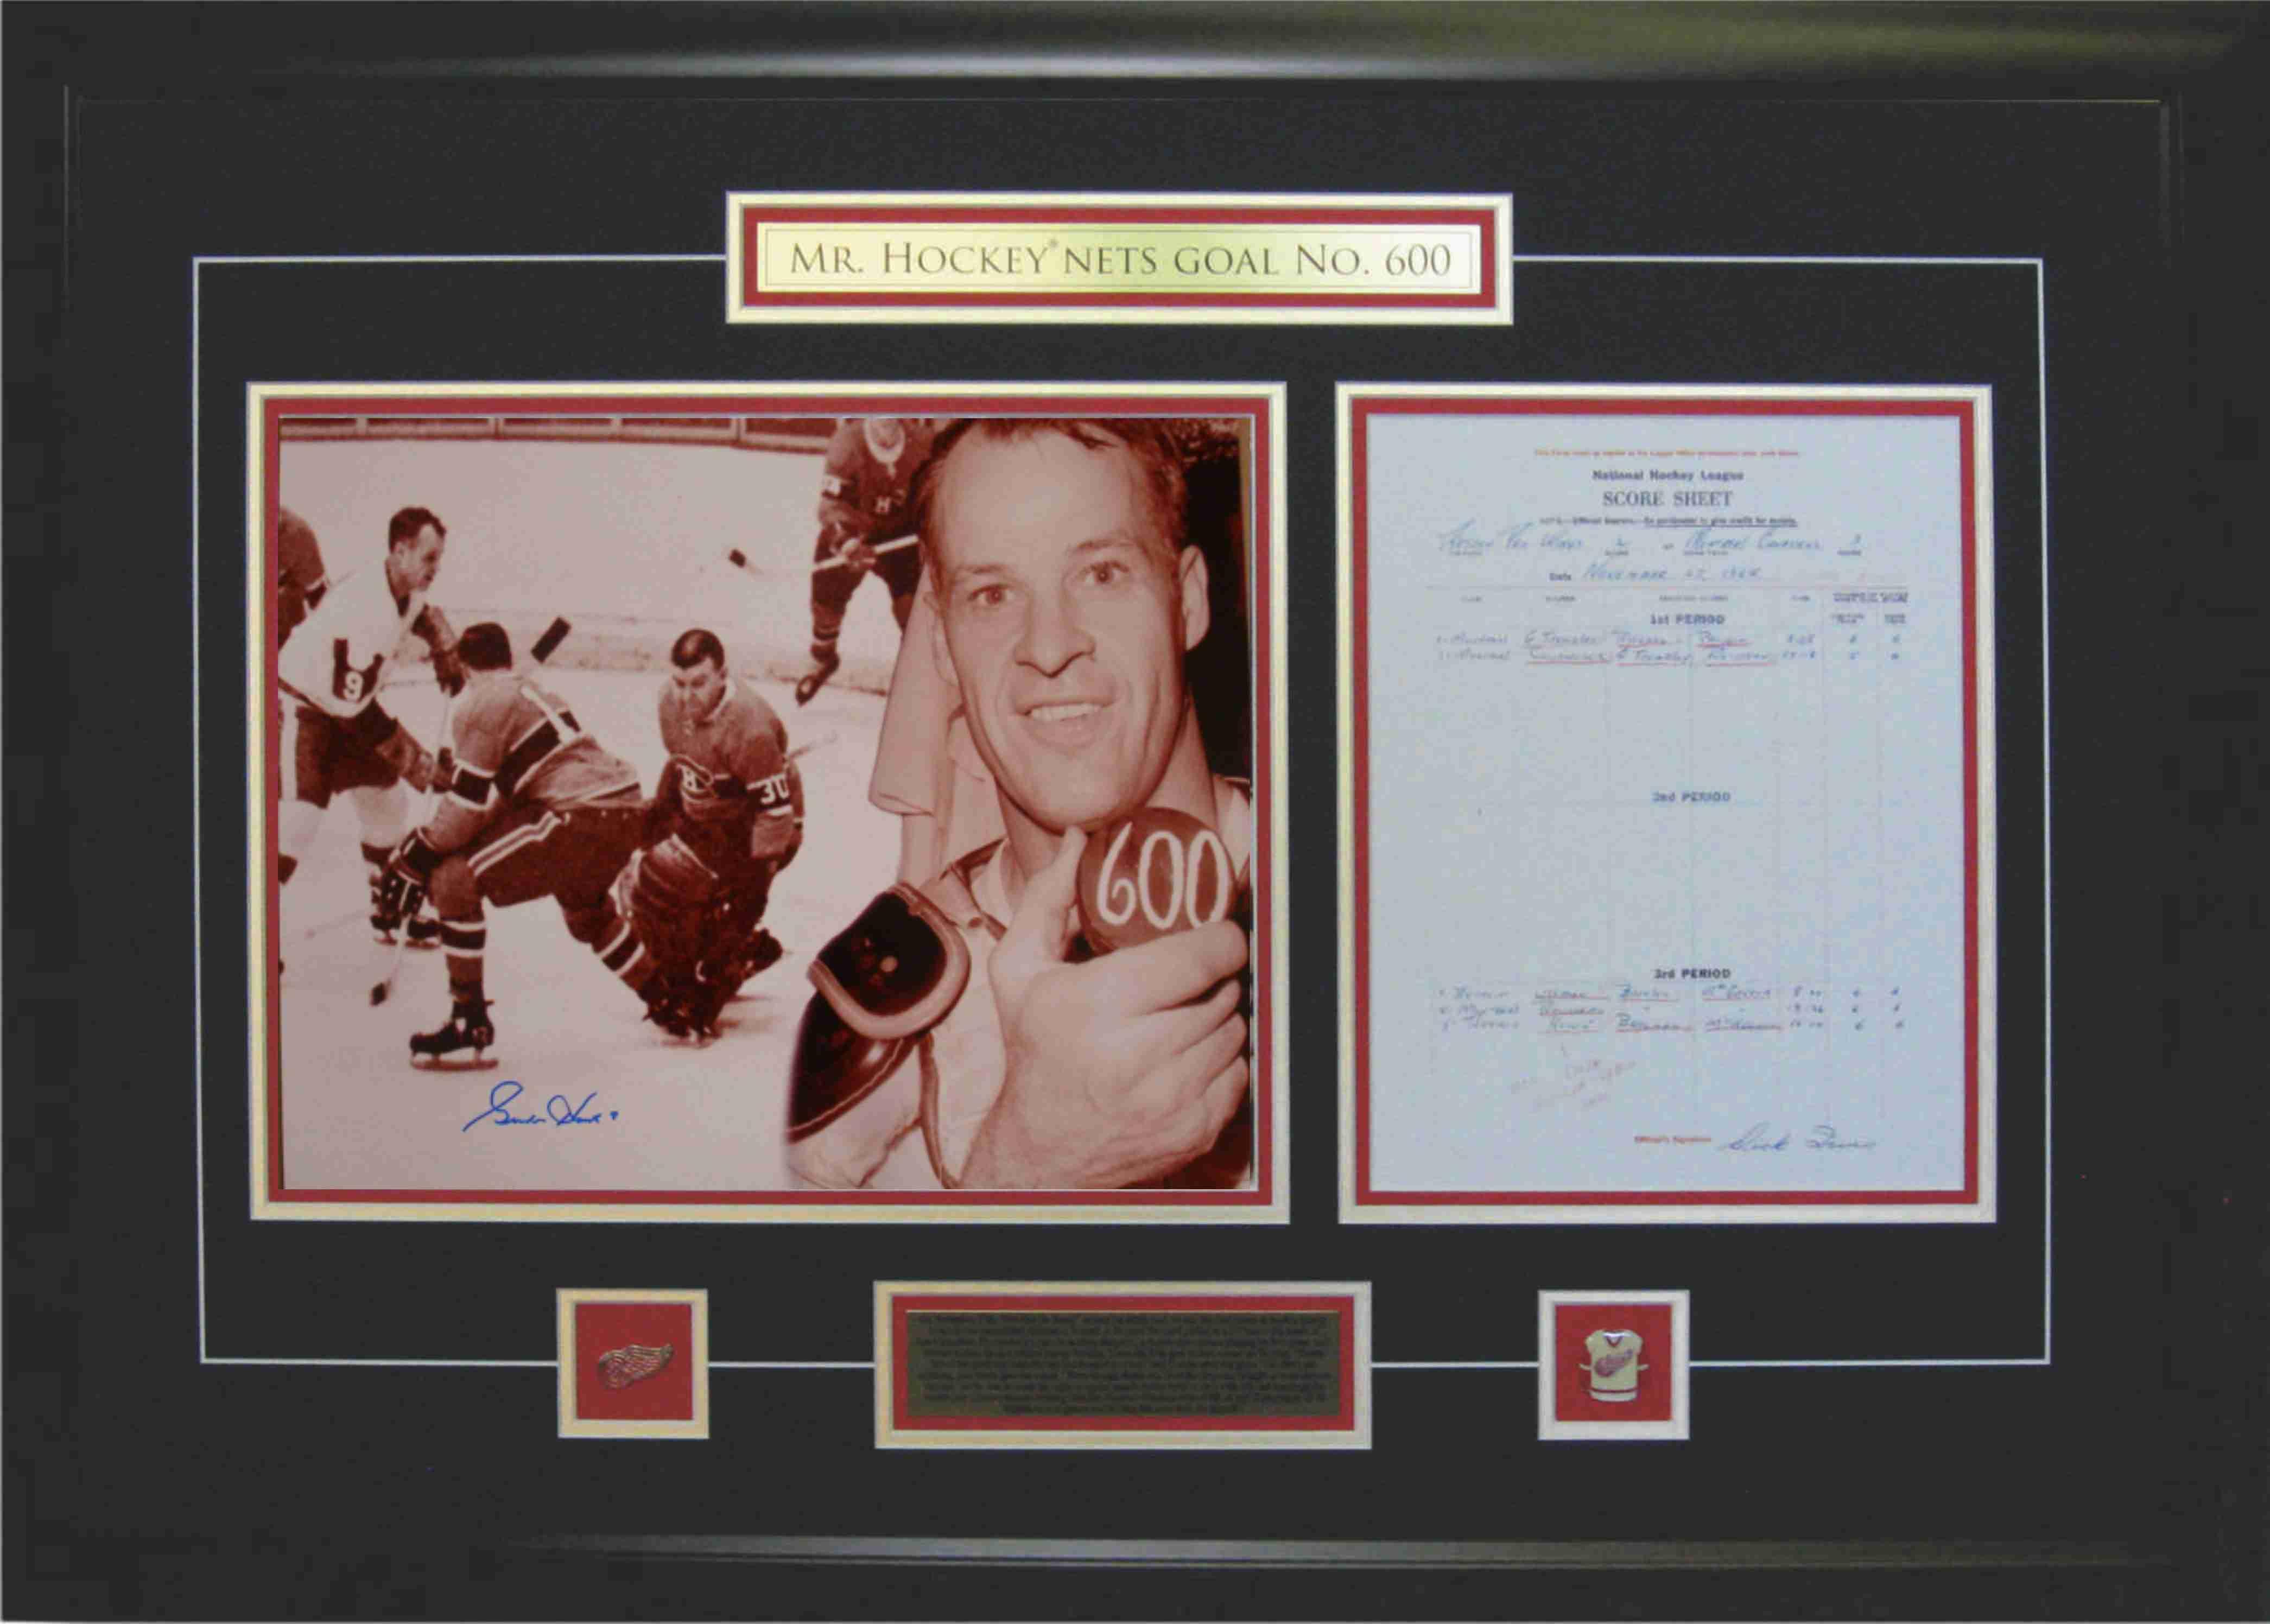 Gordie Howe - Signed & Framed 11X14 Etched Mat - Scoresheet 600 Goals